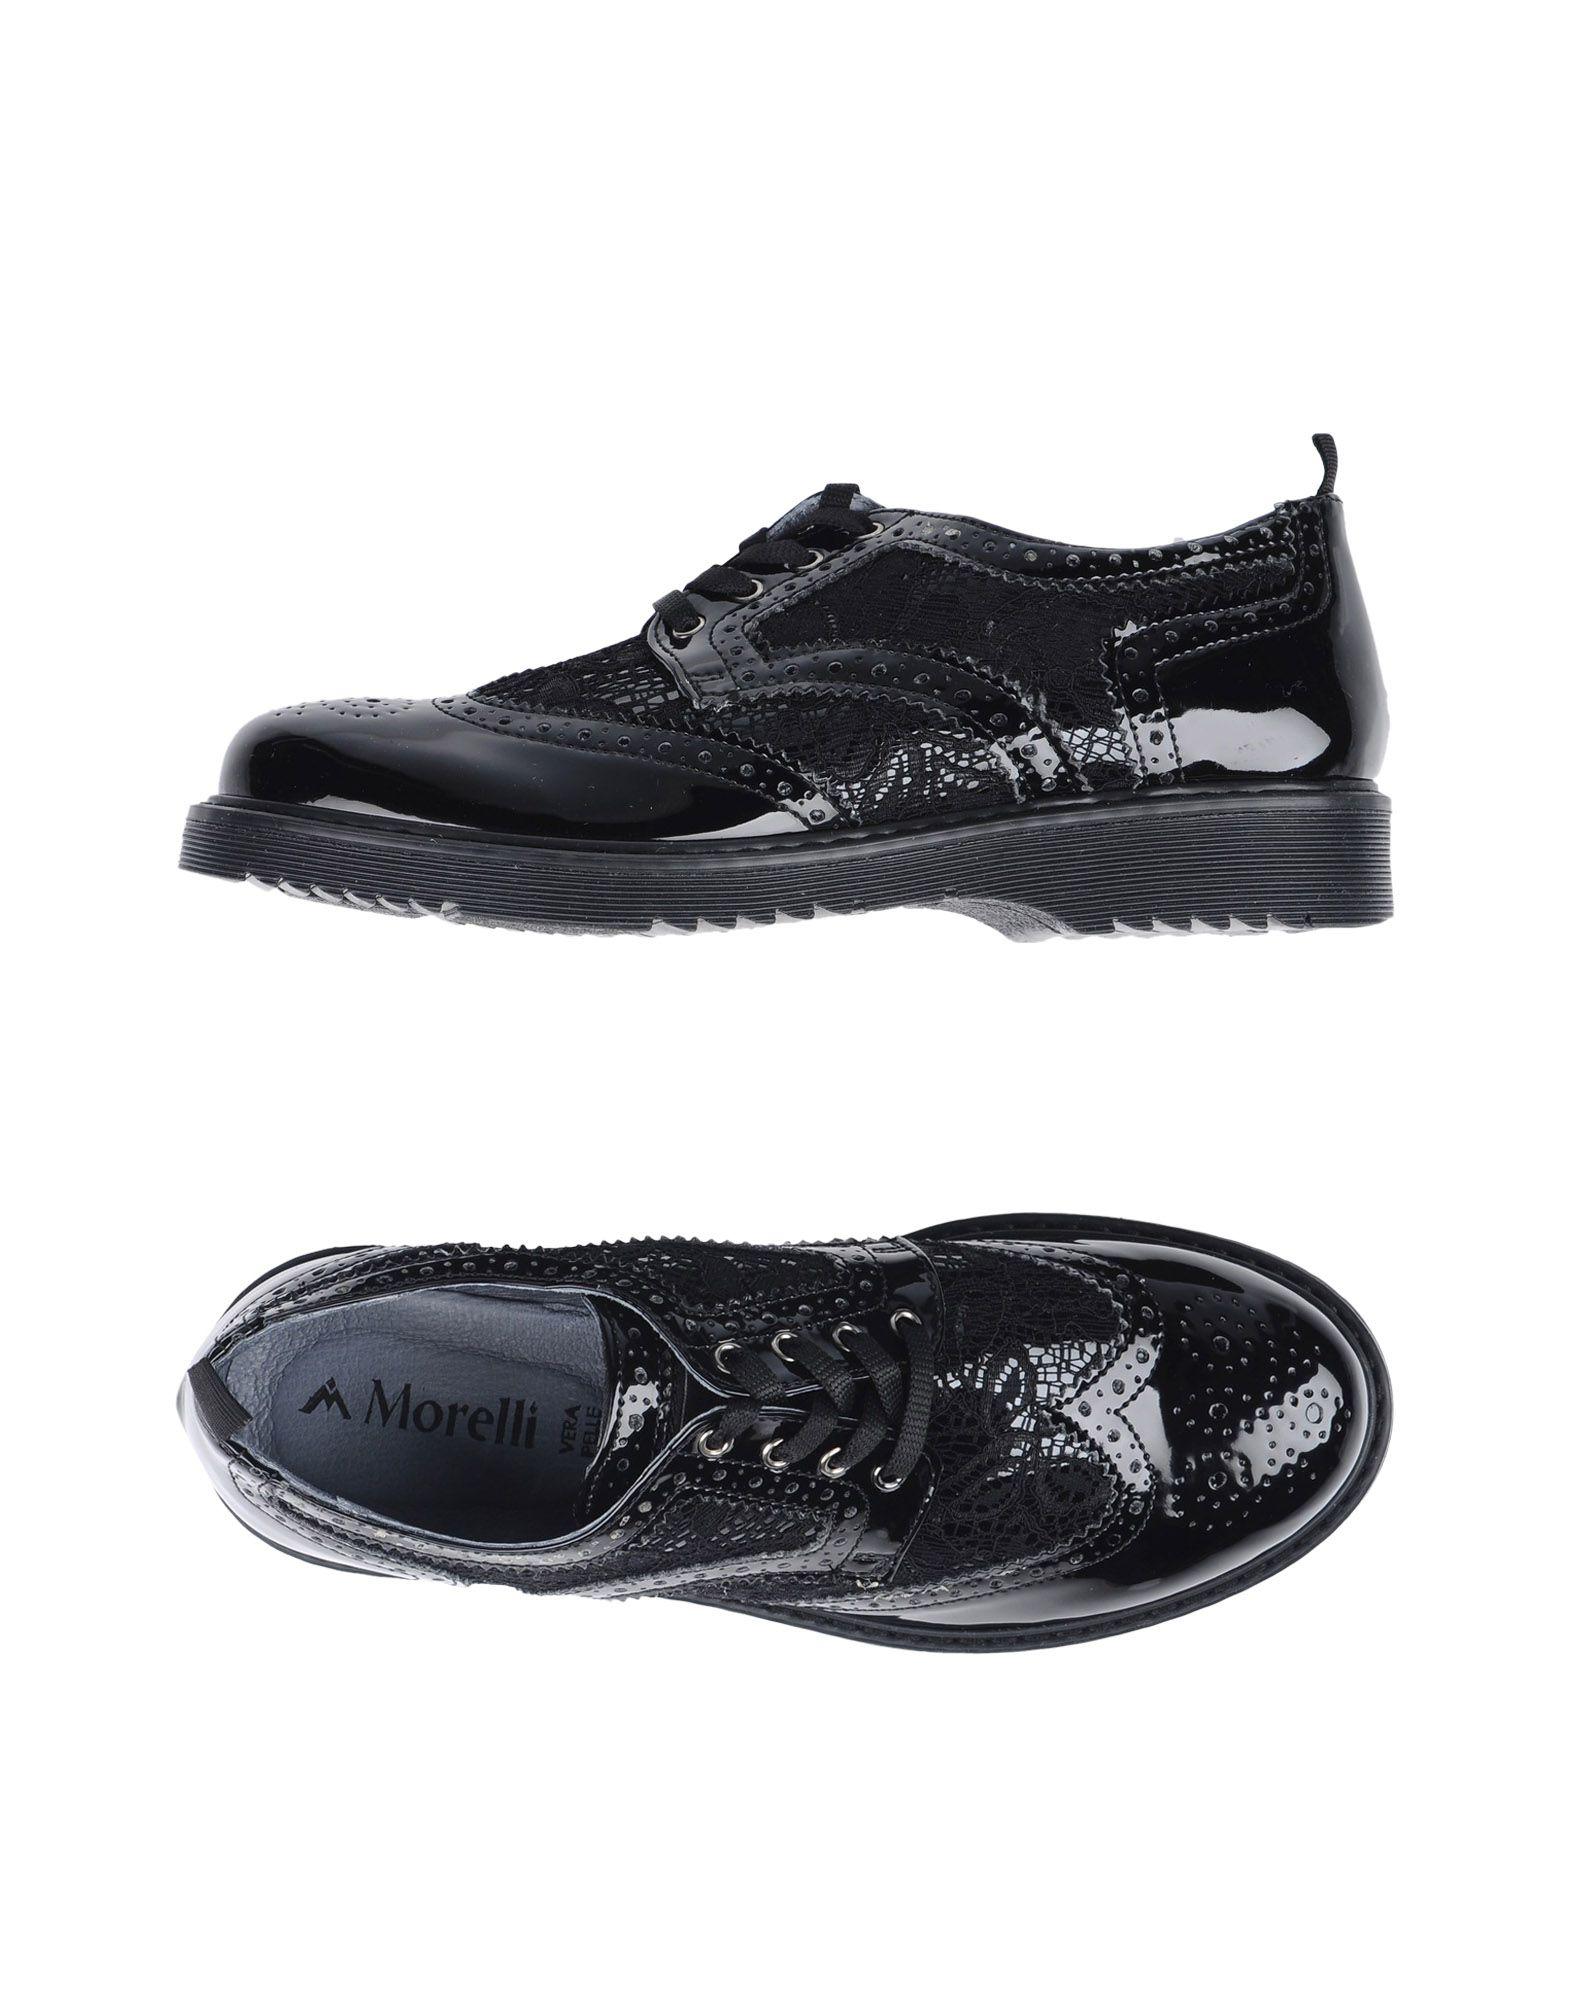 Andrea Morelli Schnürschuhe Damen  11355445IT Gute Qualität beliebte Schuhe